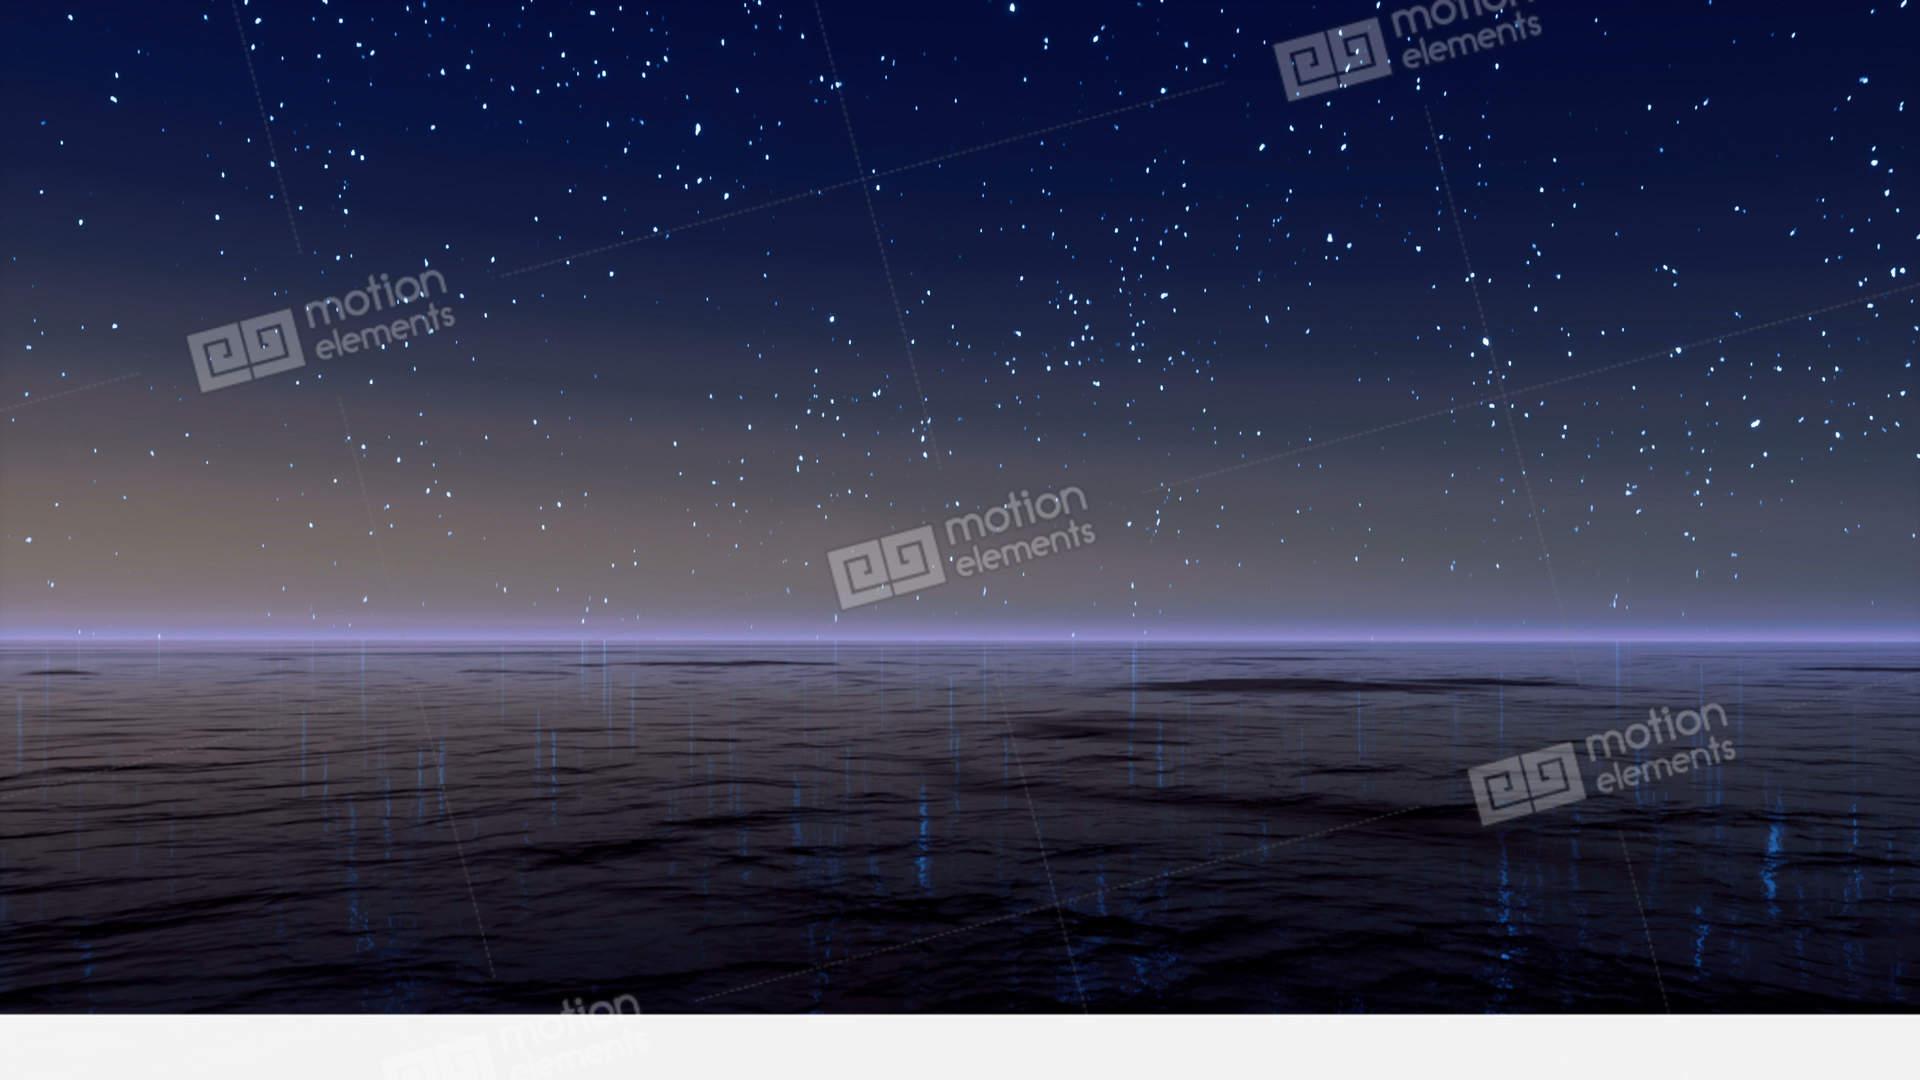 Starry sky 4k stock animation 11482260 - Starry sky 4k ...